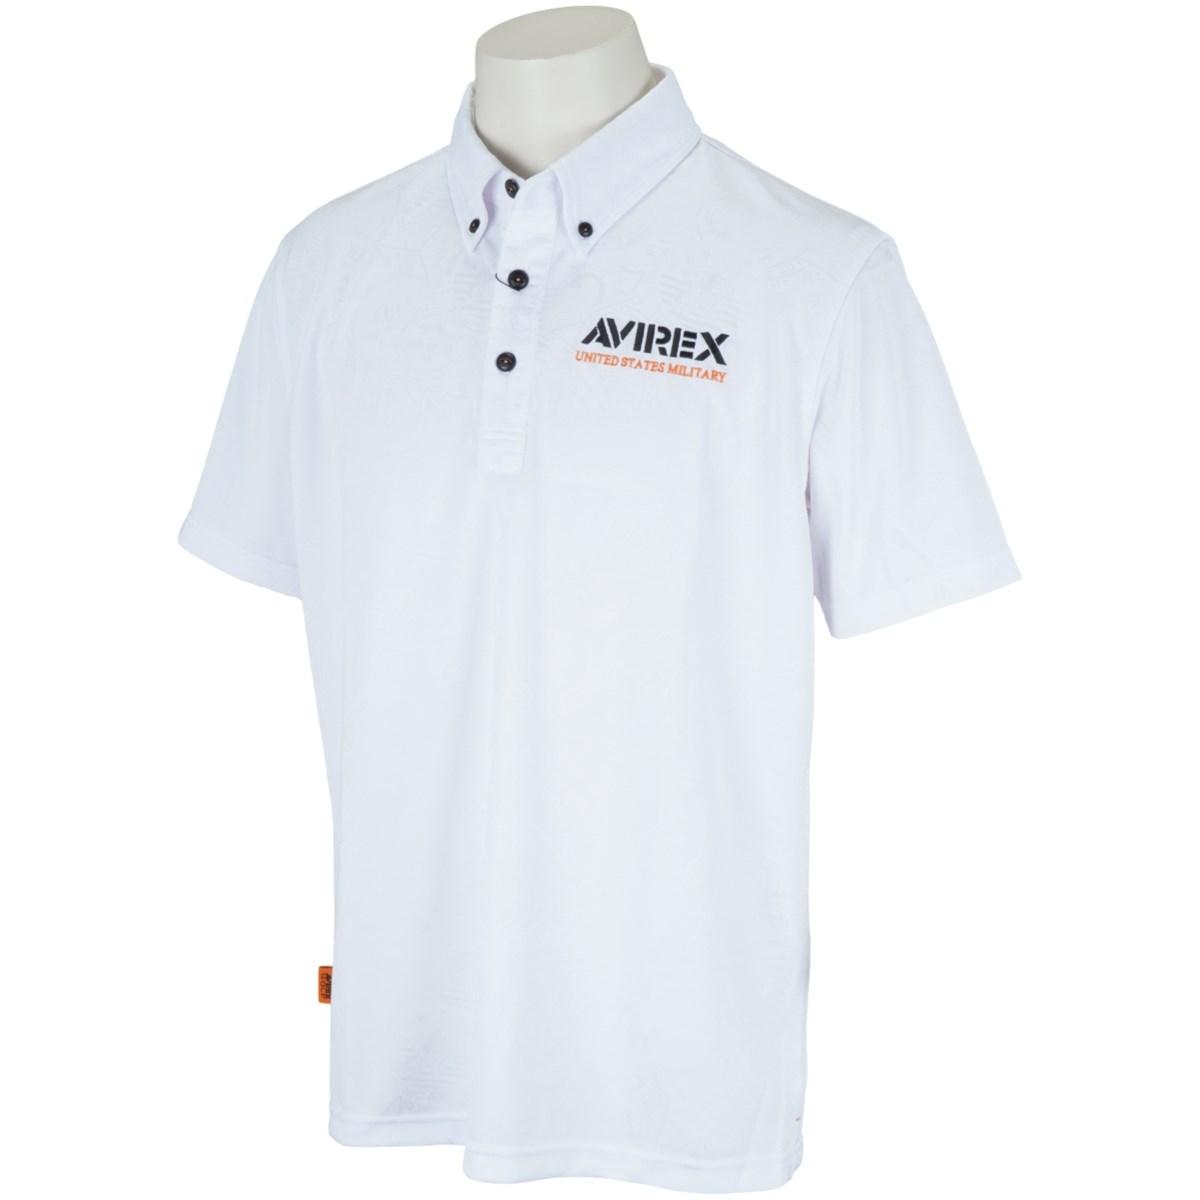 アビレックス ゴルフ AVIREX GOLF 半袖ポロシャツ M ホワイト